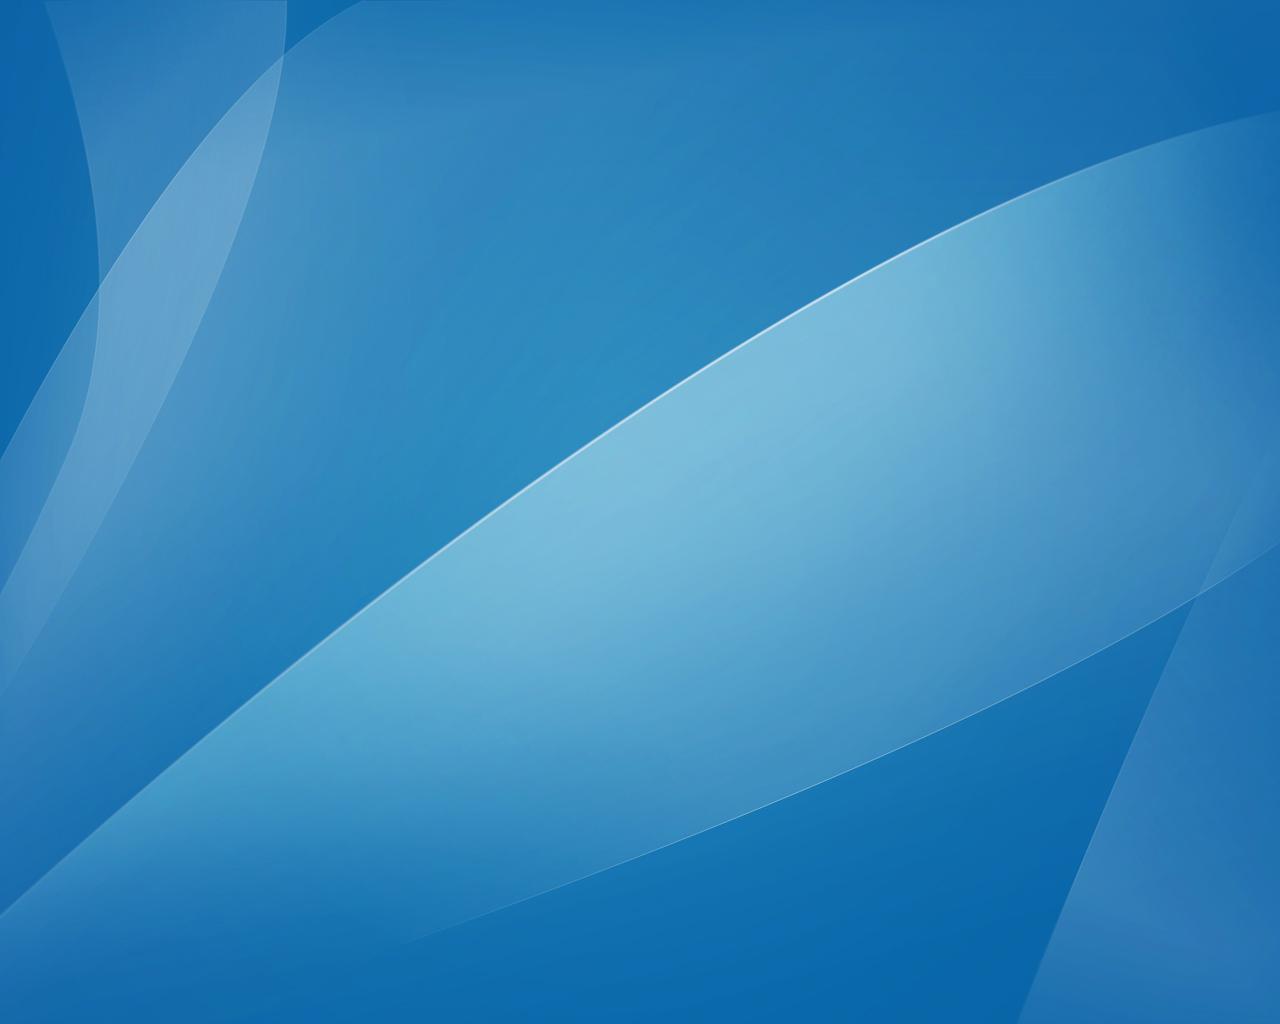 http://4.bp.blogspot.com/_gOnhy7SgVfg/S8fTCb6Bq1I/AAAAAAAAAFk/BYtBofz_gd4/s1600/OS+X+Wallpaper.jpg